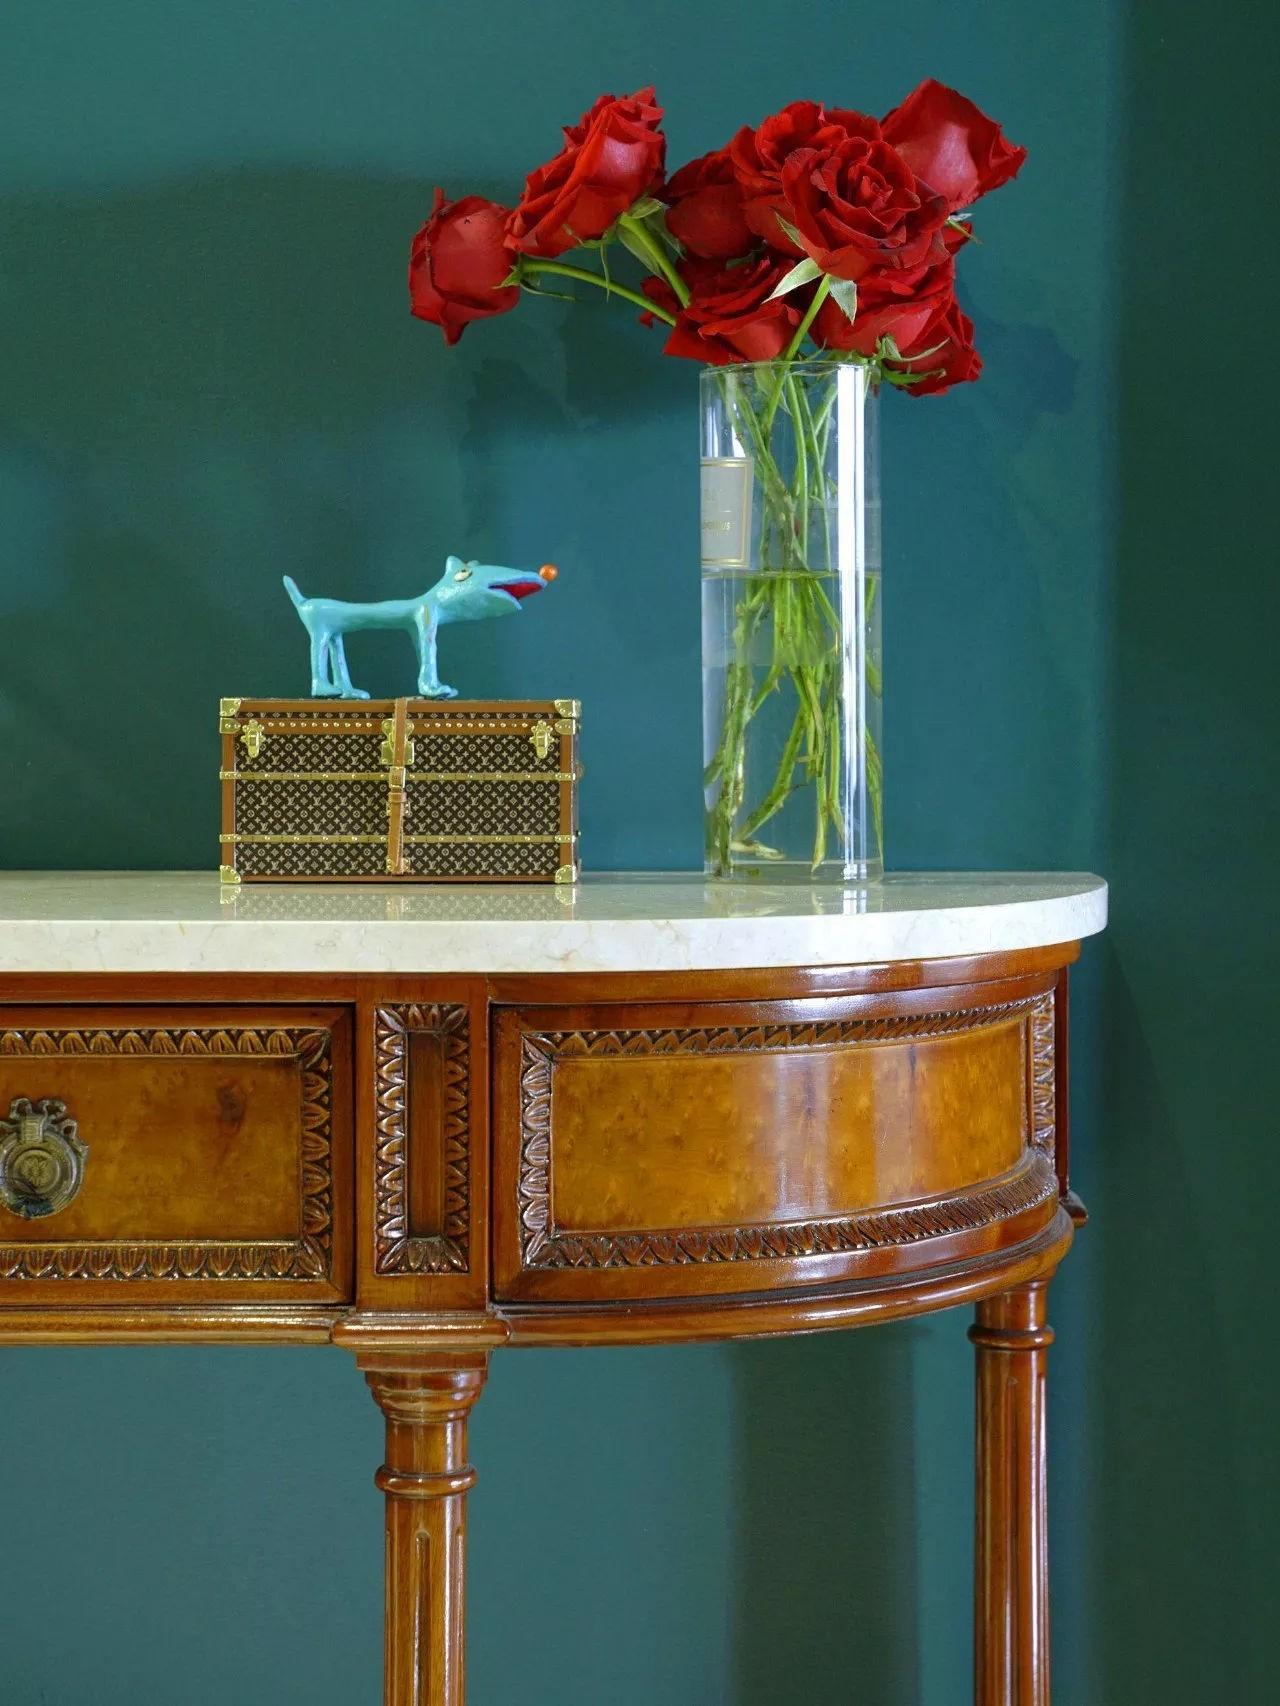 Những đồ nội thất bàn, tủ mang kiểu dáng cổ điển cũng được ưa chuộng sử dụng trong thiết kế căn nhà. Có thể trang tí thêm một số mẫu tượng hay bình hoa trang trí lên bên trên.